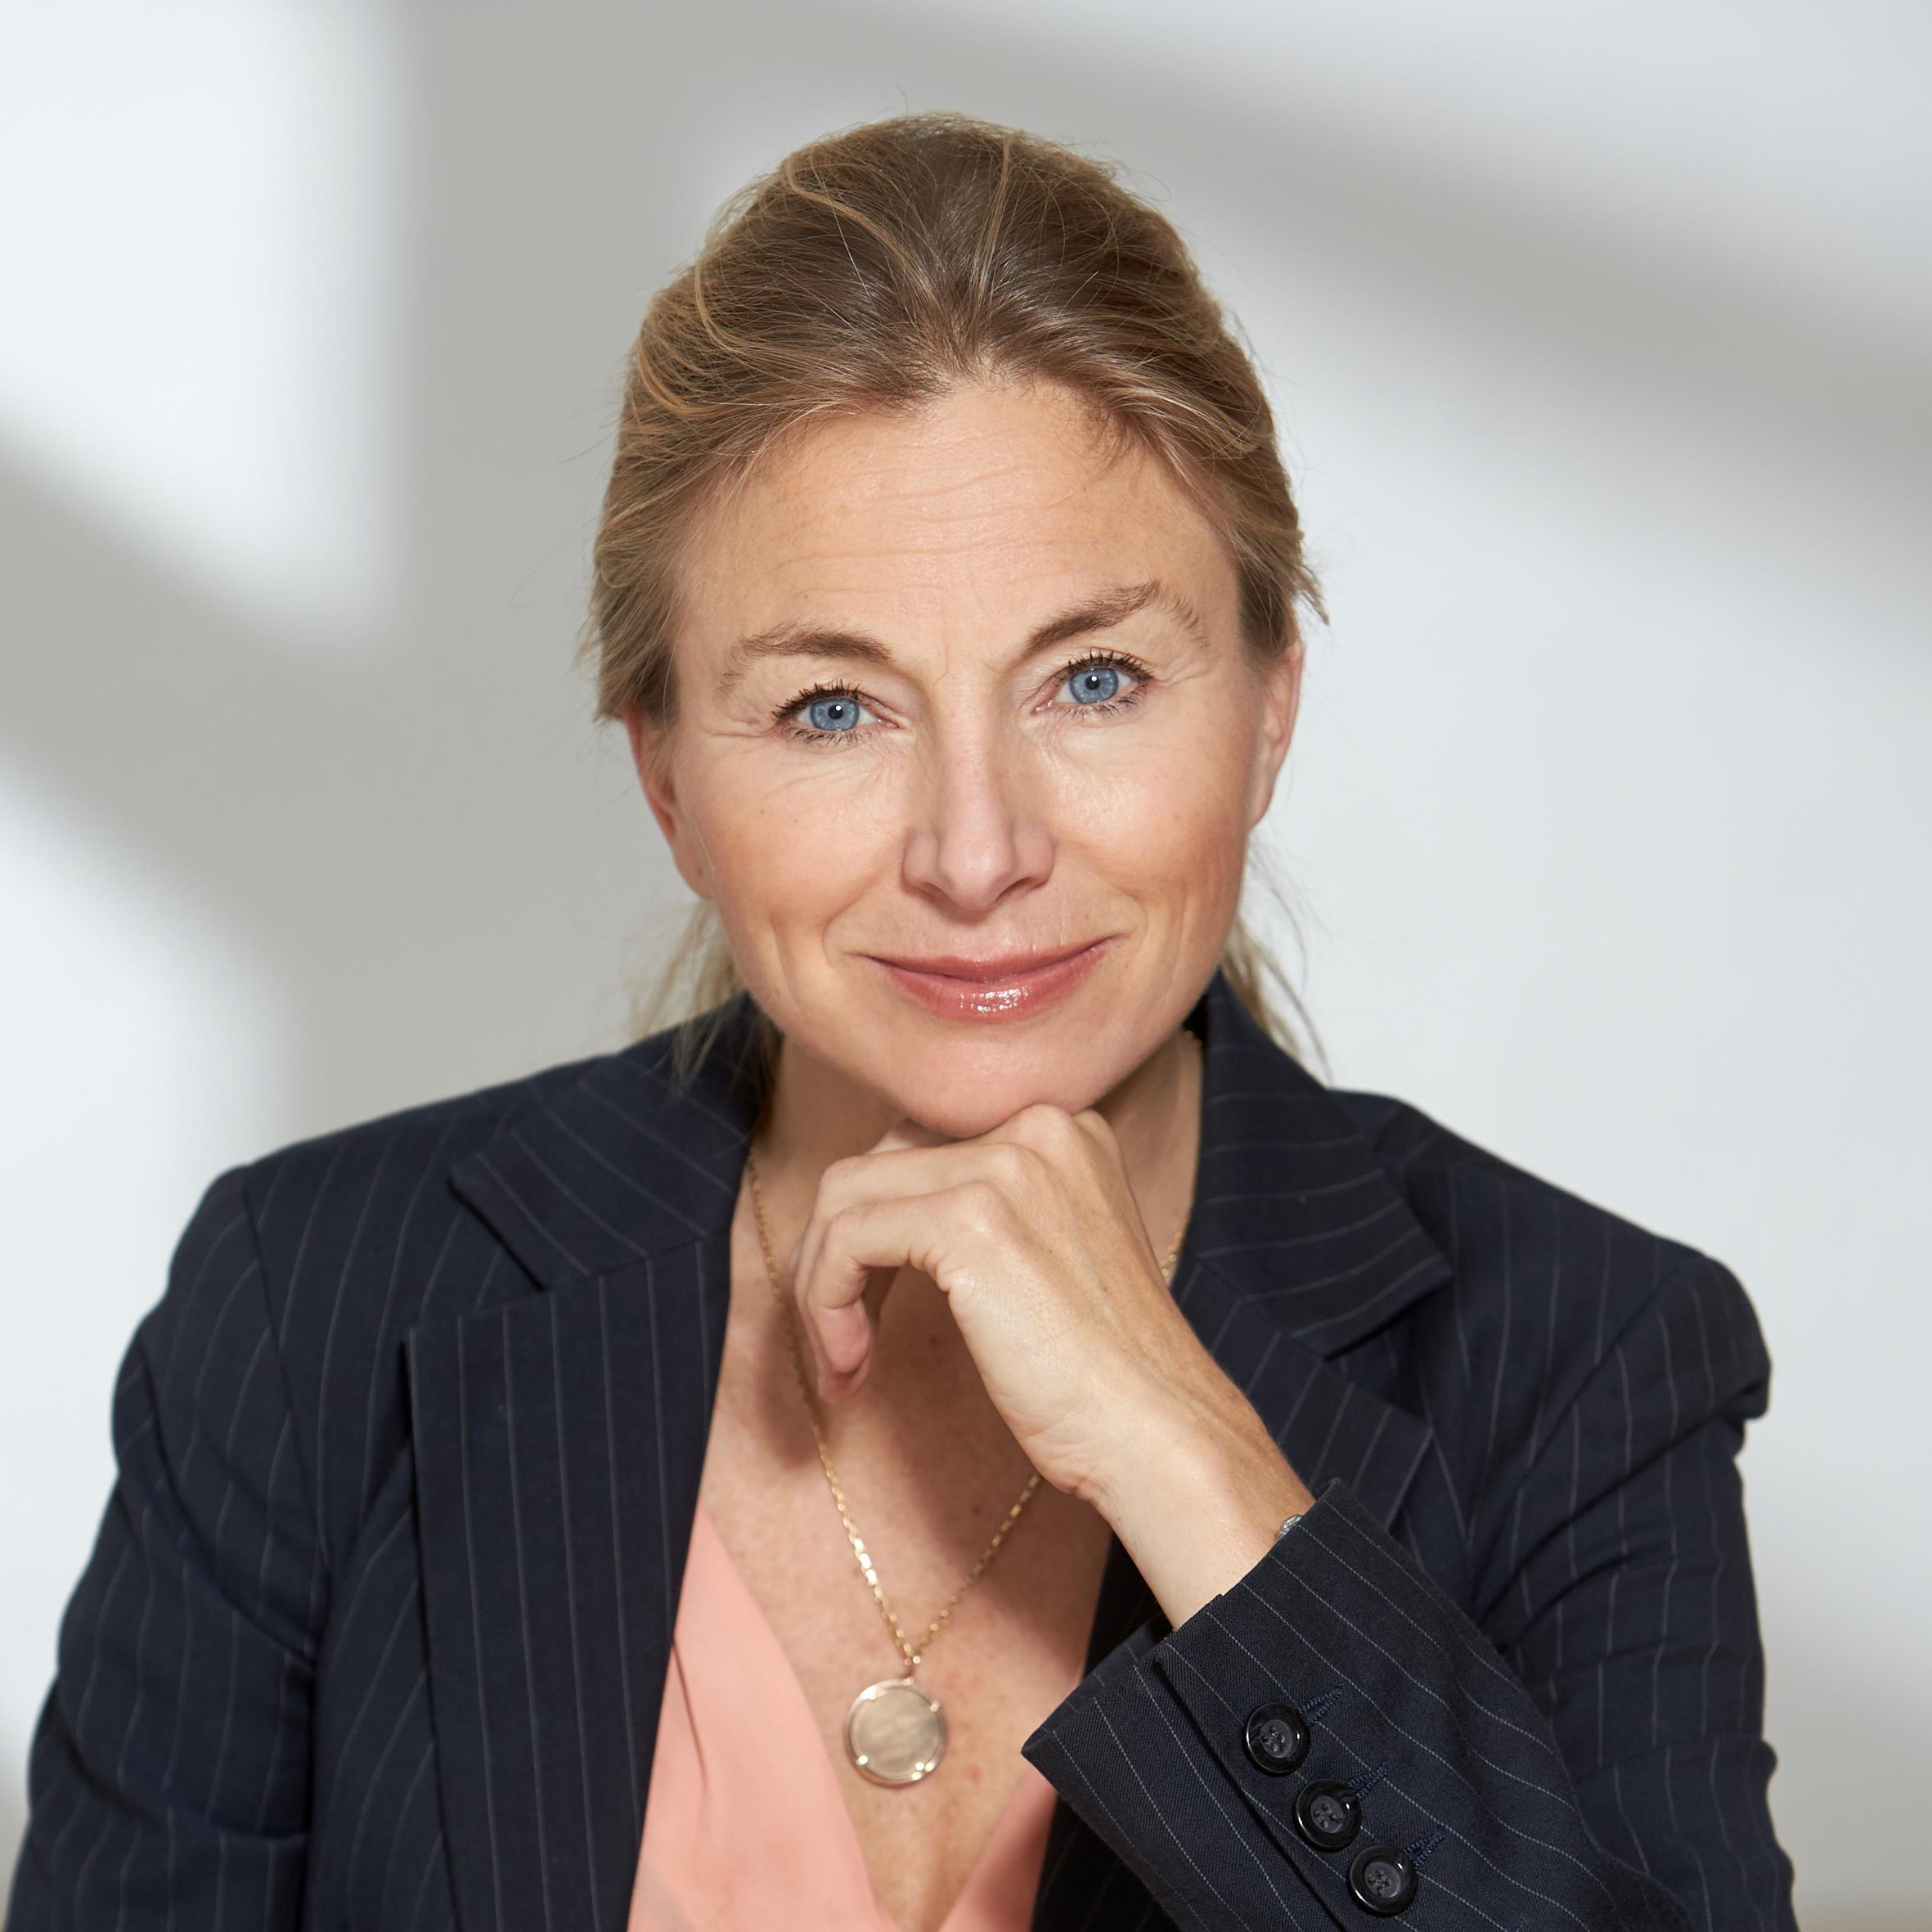 KatarinaAmmitzboell